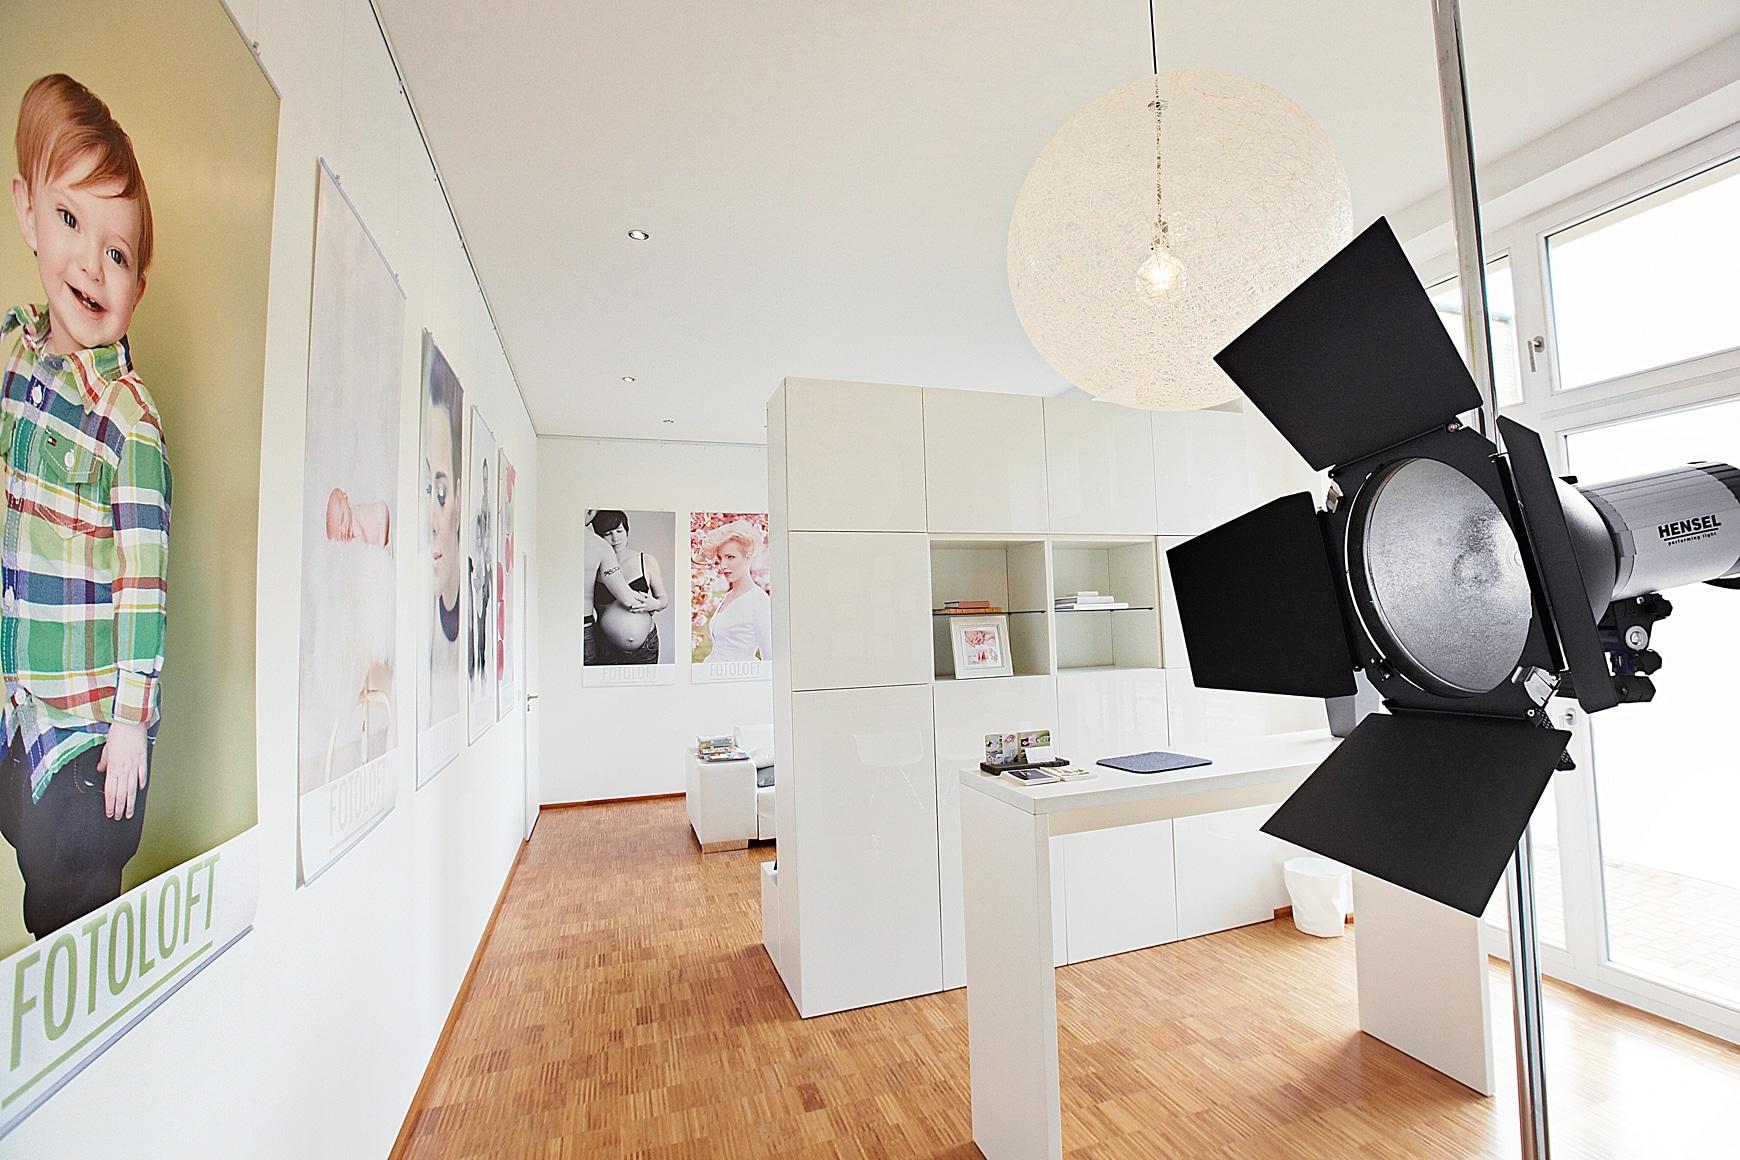 Ein heller Eingangsbereich von einem Fotostudio in Leipzig